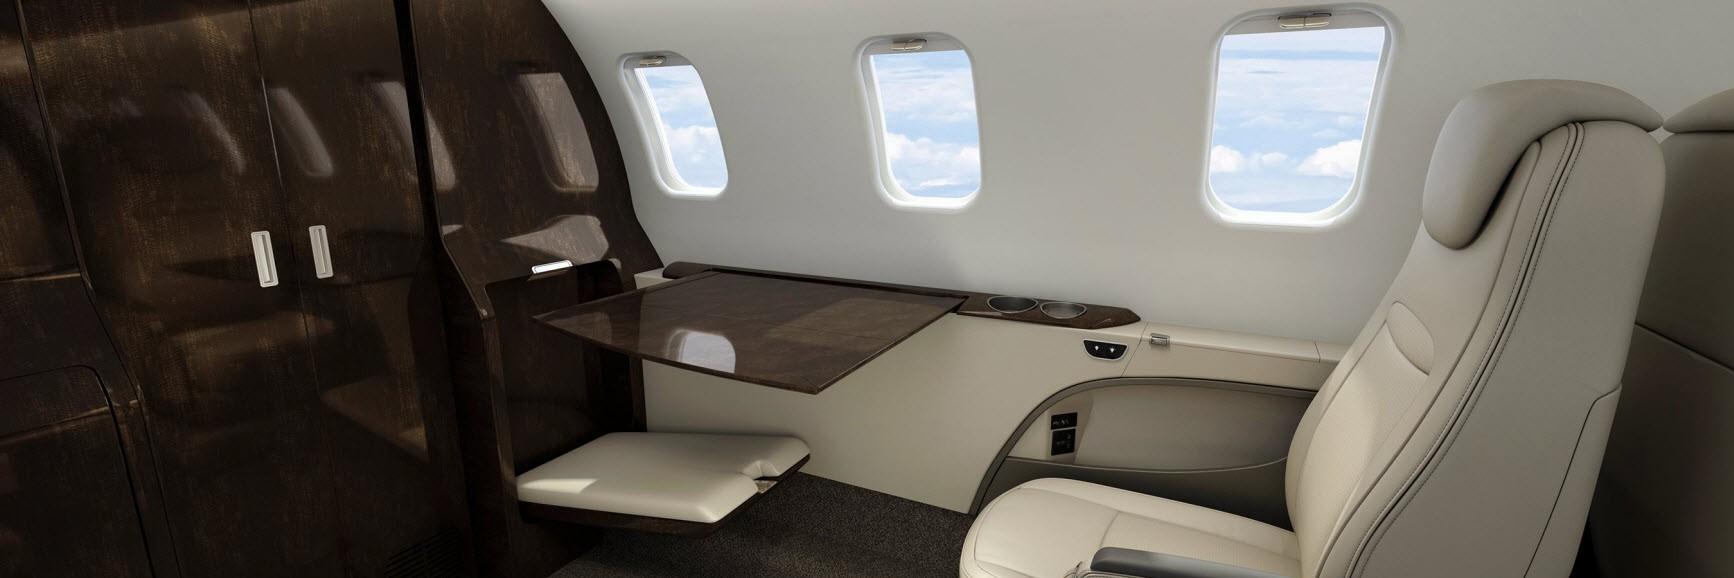 Learjet 75 Liberty Galley